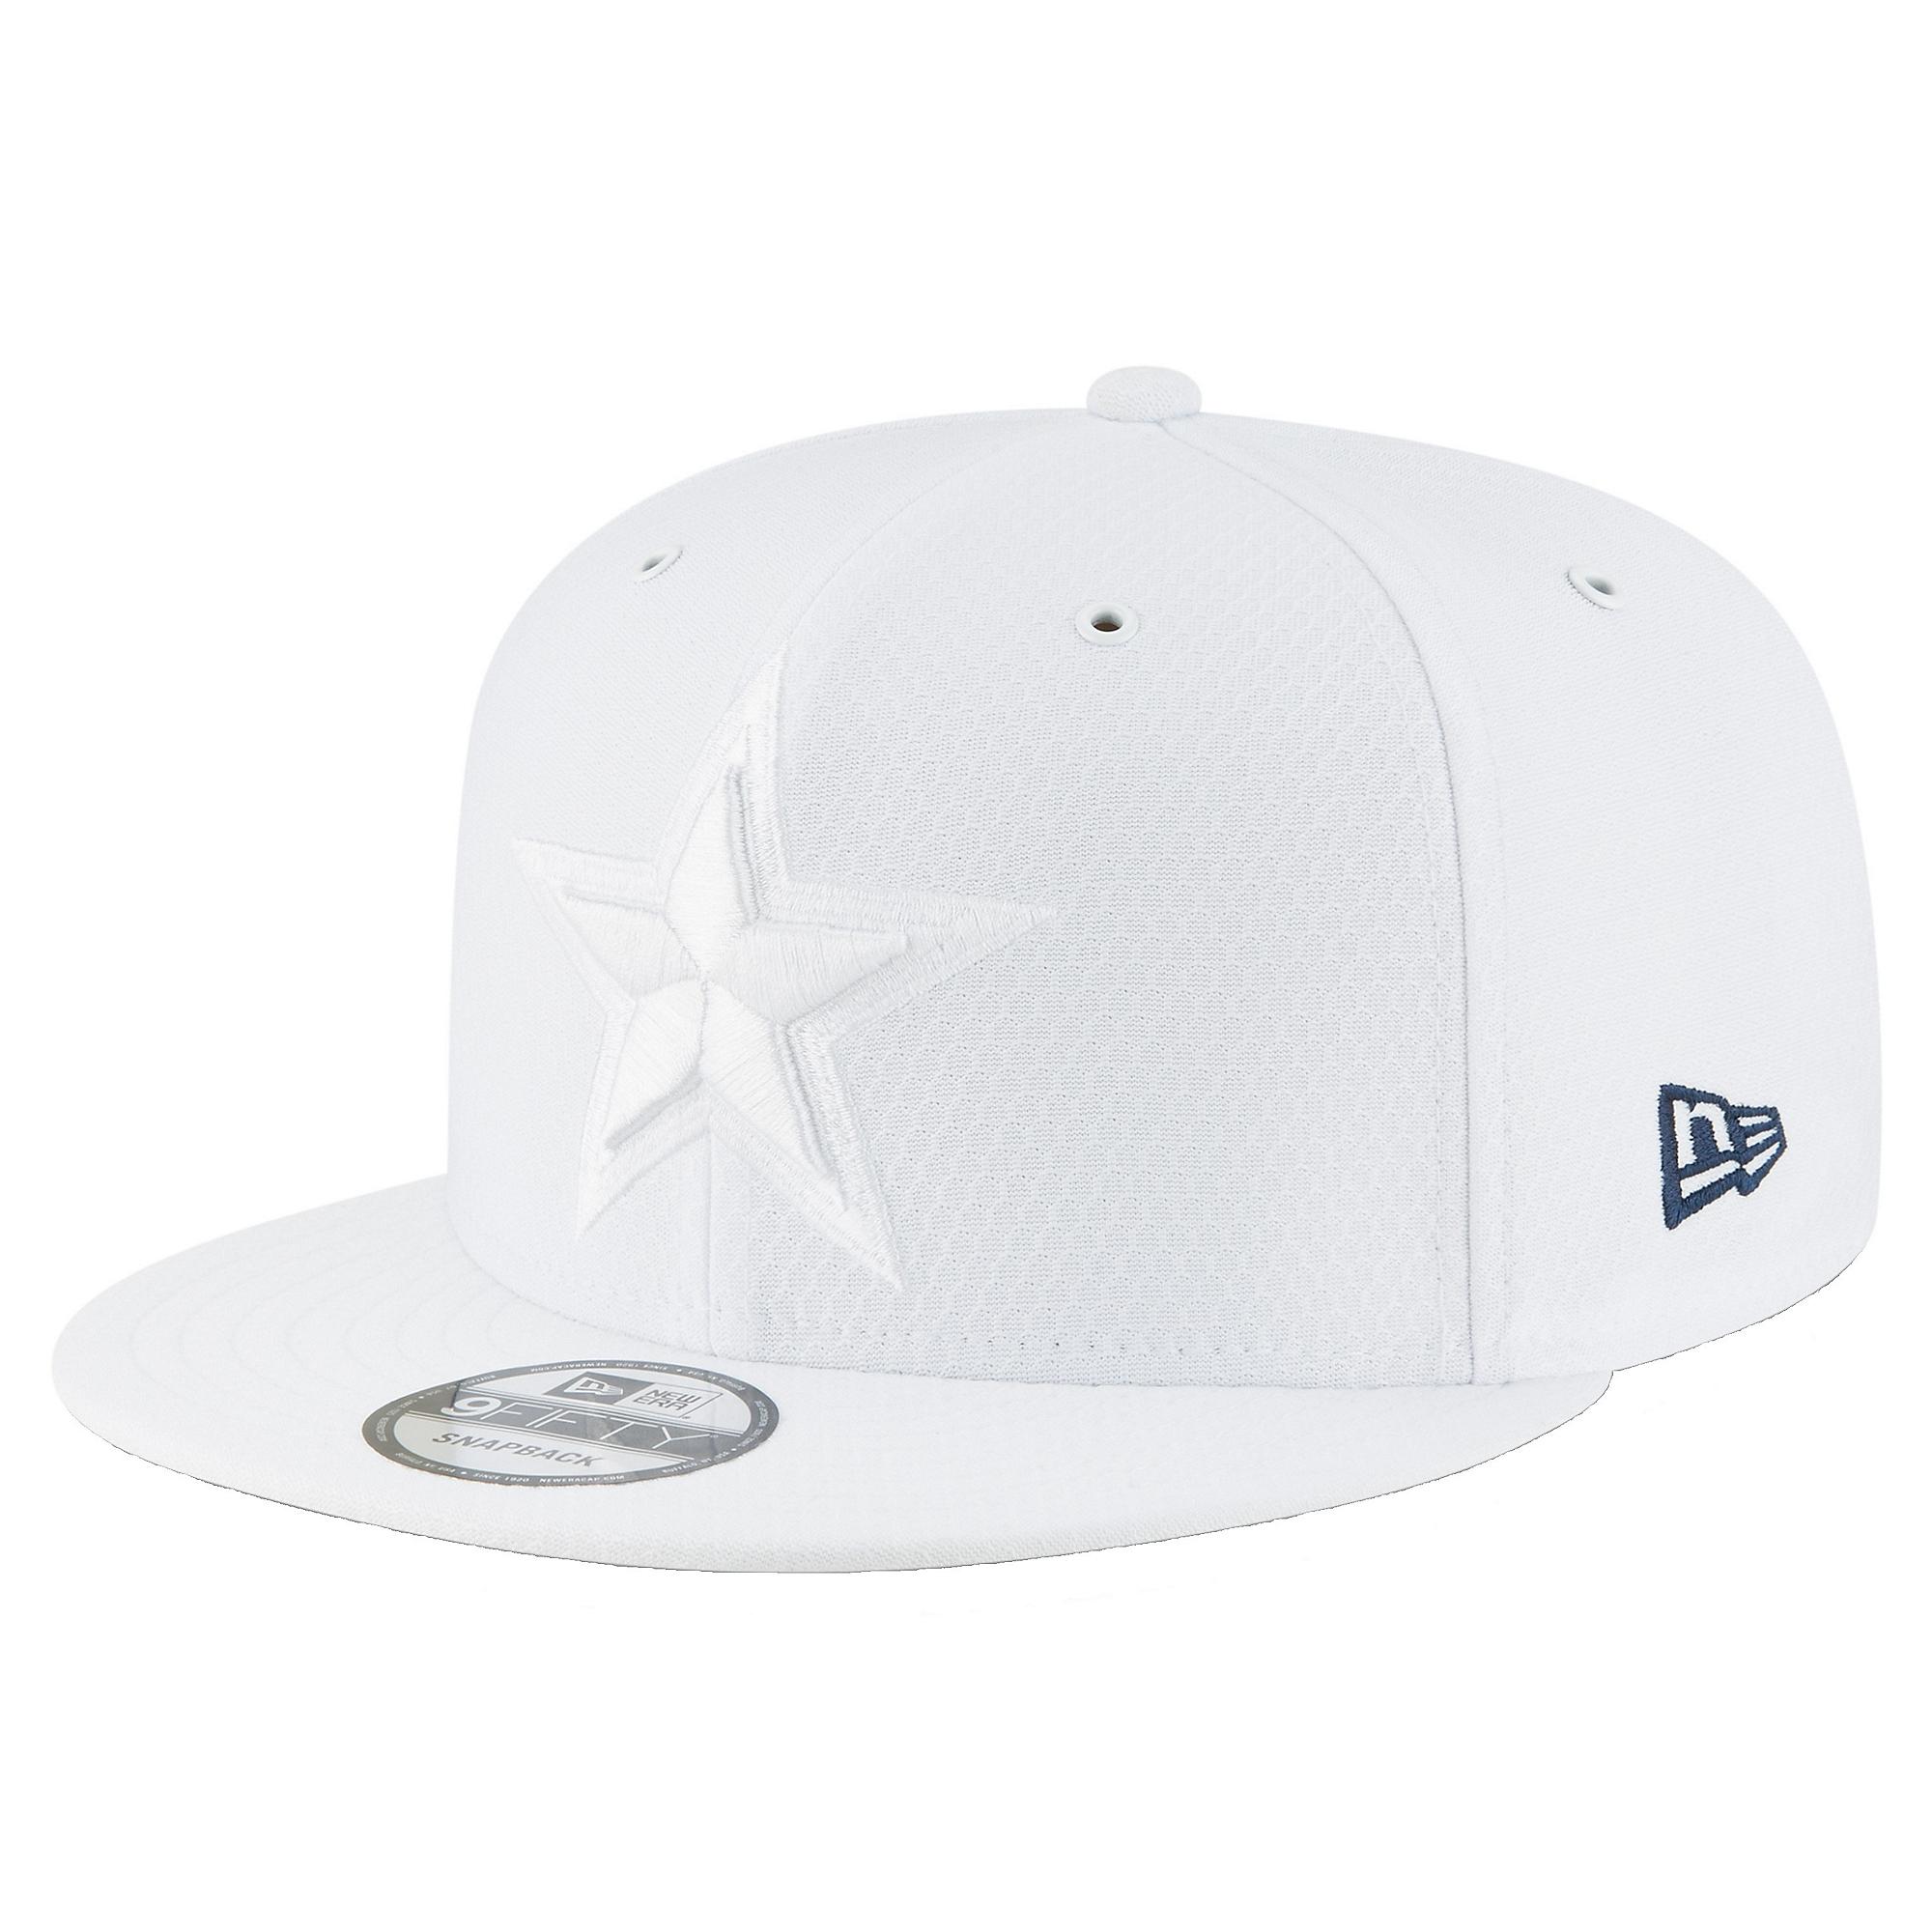 ffab1fdaf Dallas Cowboys New Era Fashion Sideline Home Color Rush 9Fifty Cap | Dallas  Cowboys Pro Shop